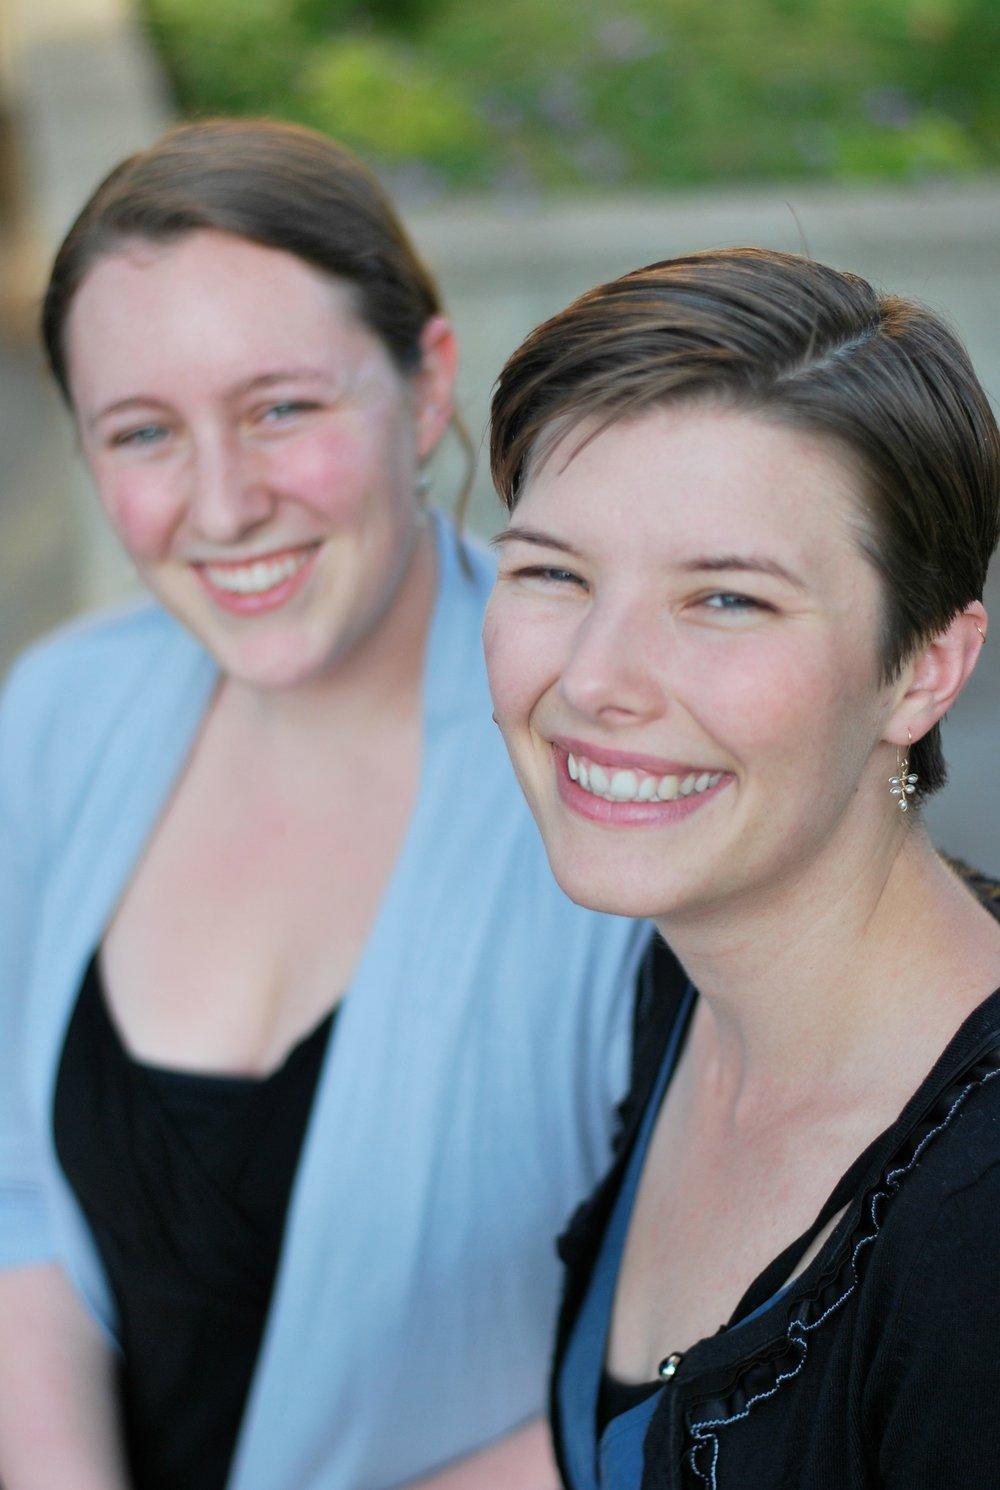 Marlee & Megan Malone-Franklin - Birth Doula team